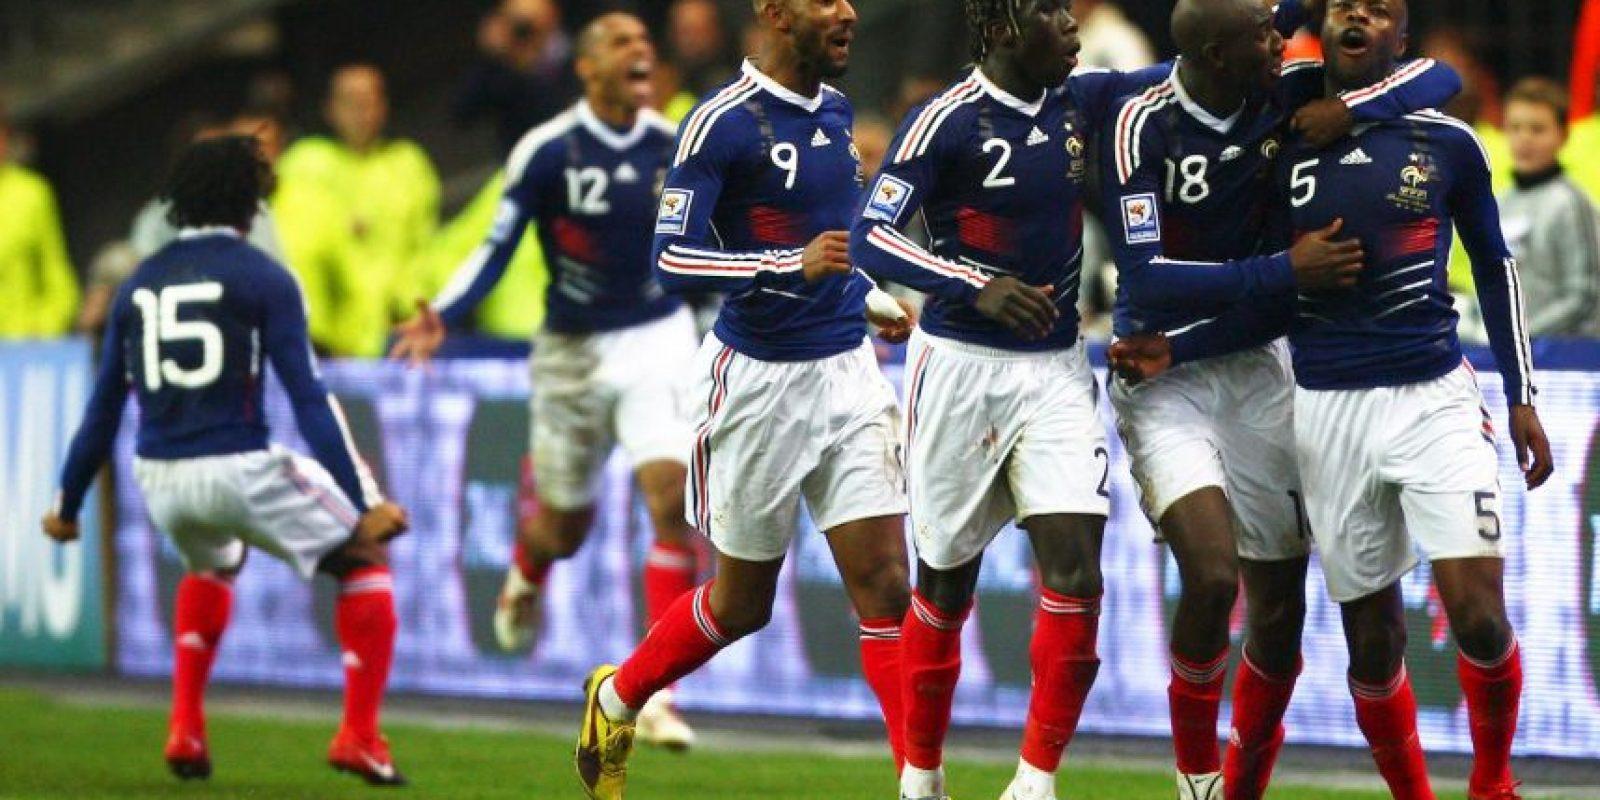 """En Dublín, capital de Irlanda, """"Les Bleus"""" ganaron 1-0 y todo hacía pensar que en Francia sólo sentenciarían la eliminatoria. Foto:Getty Images"""